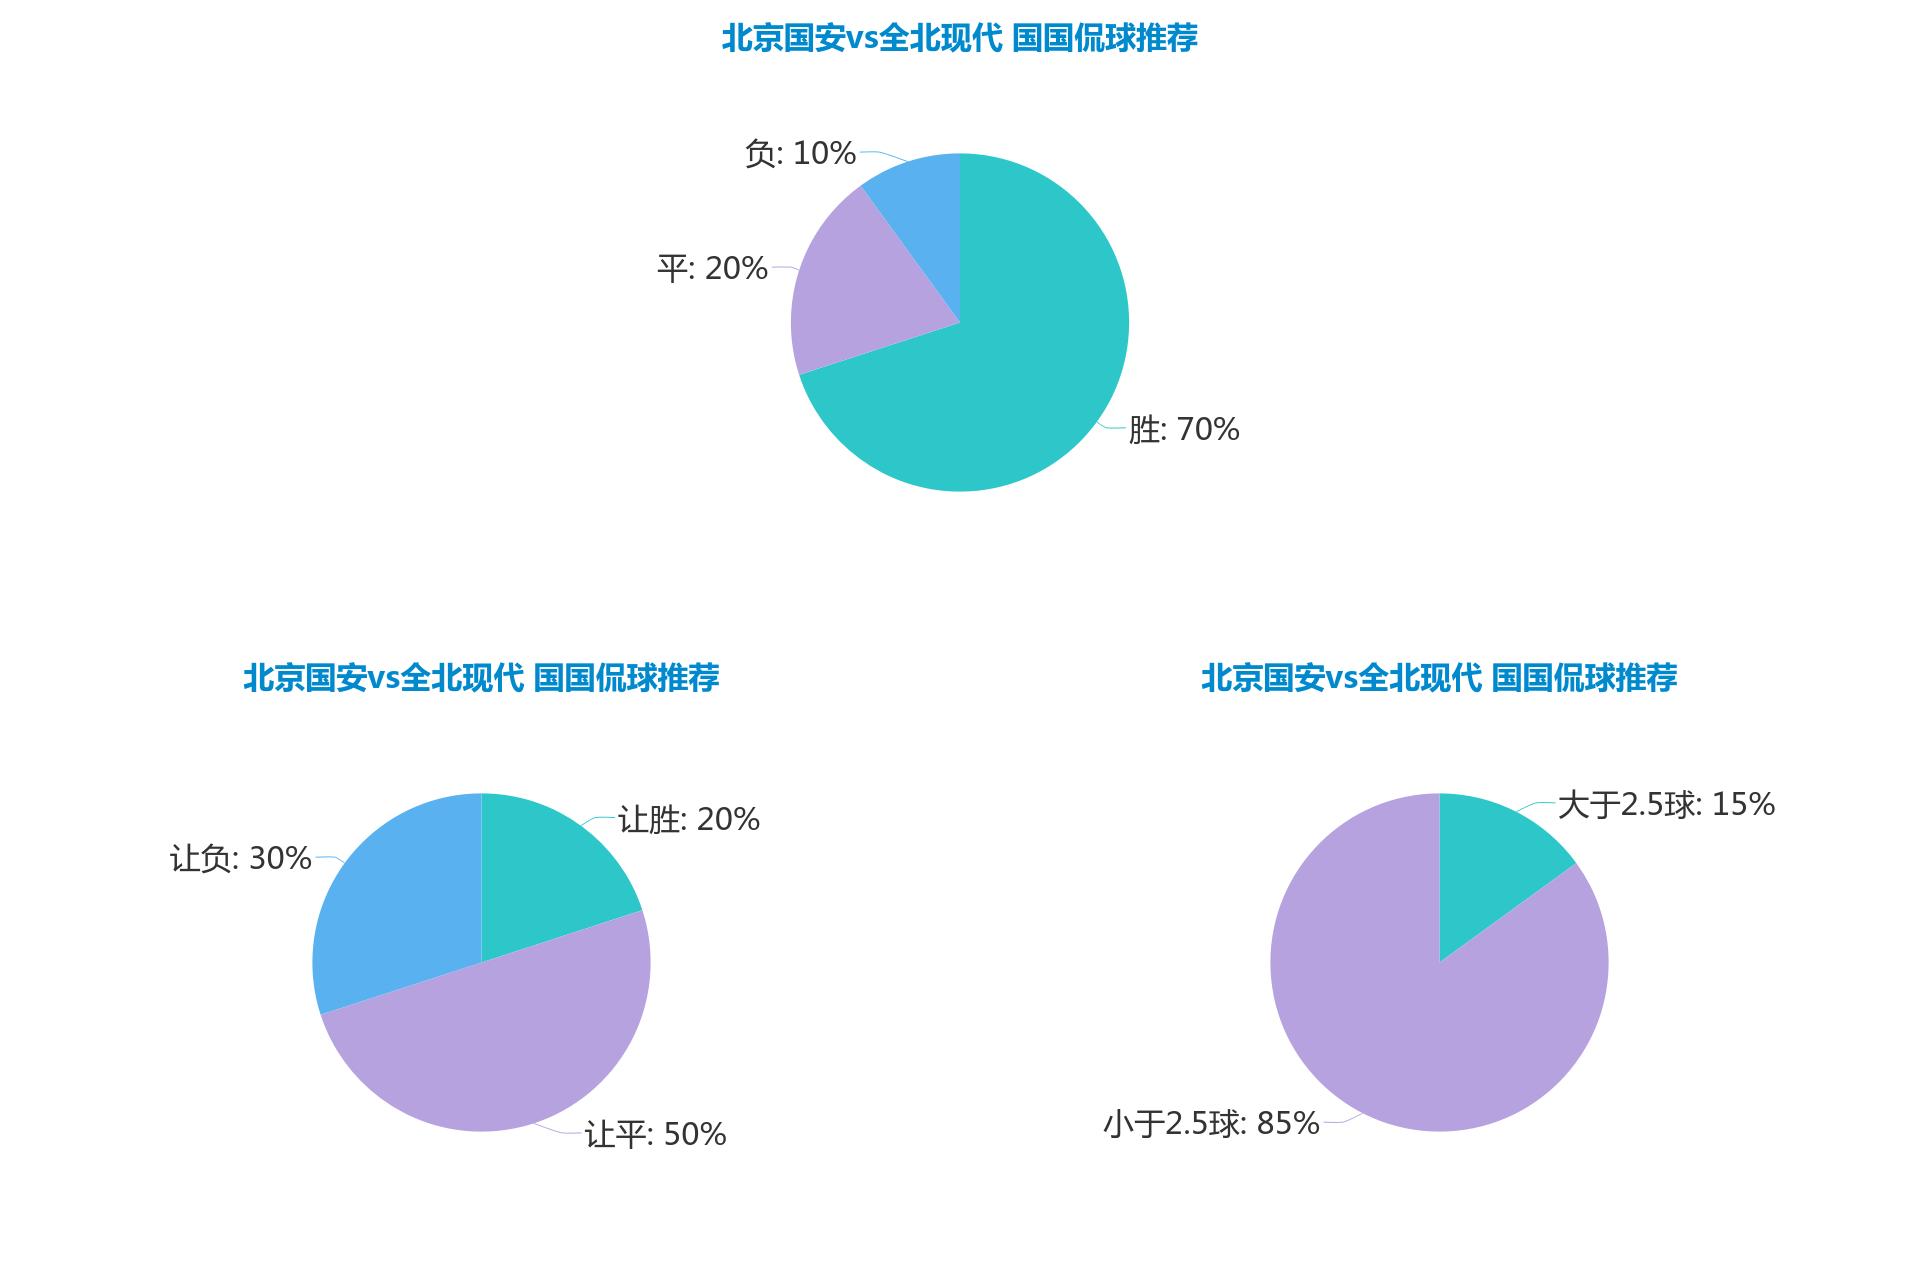 3连红!亚冠前瞻 北京国安vs全北现代数据分析 北京国安主场称雄